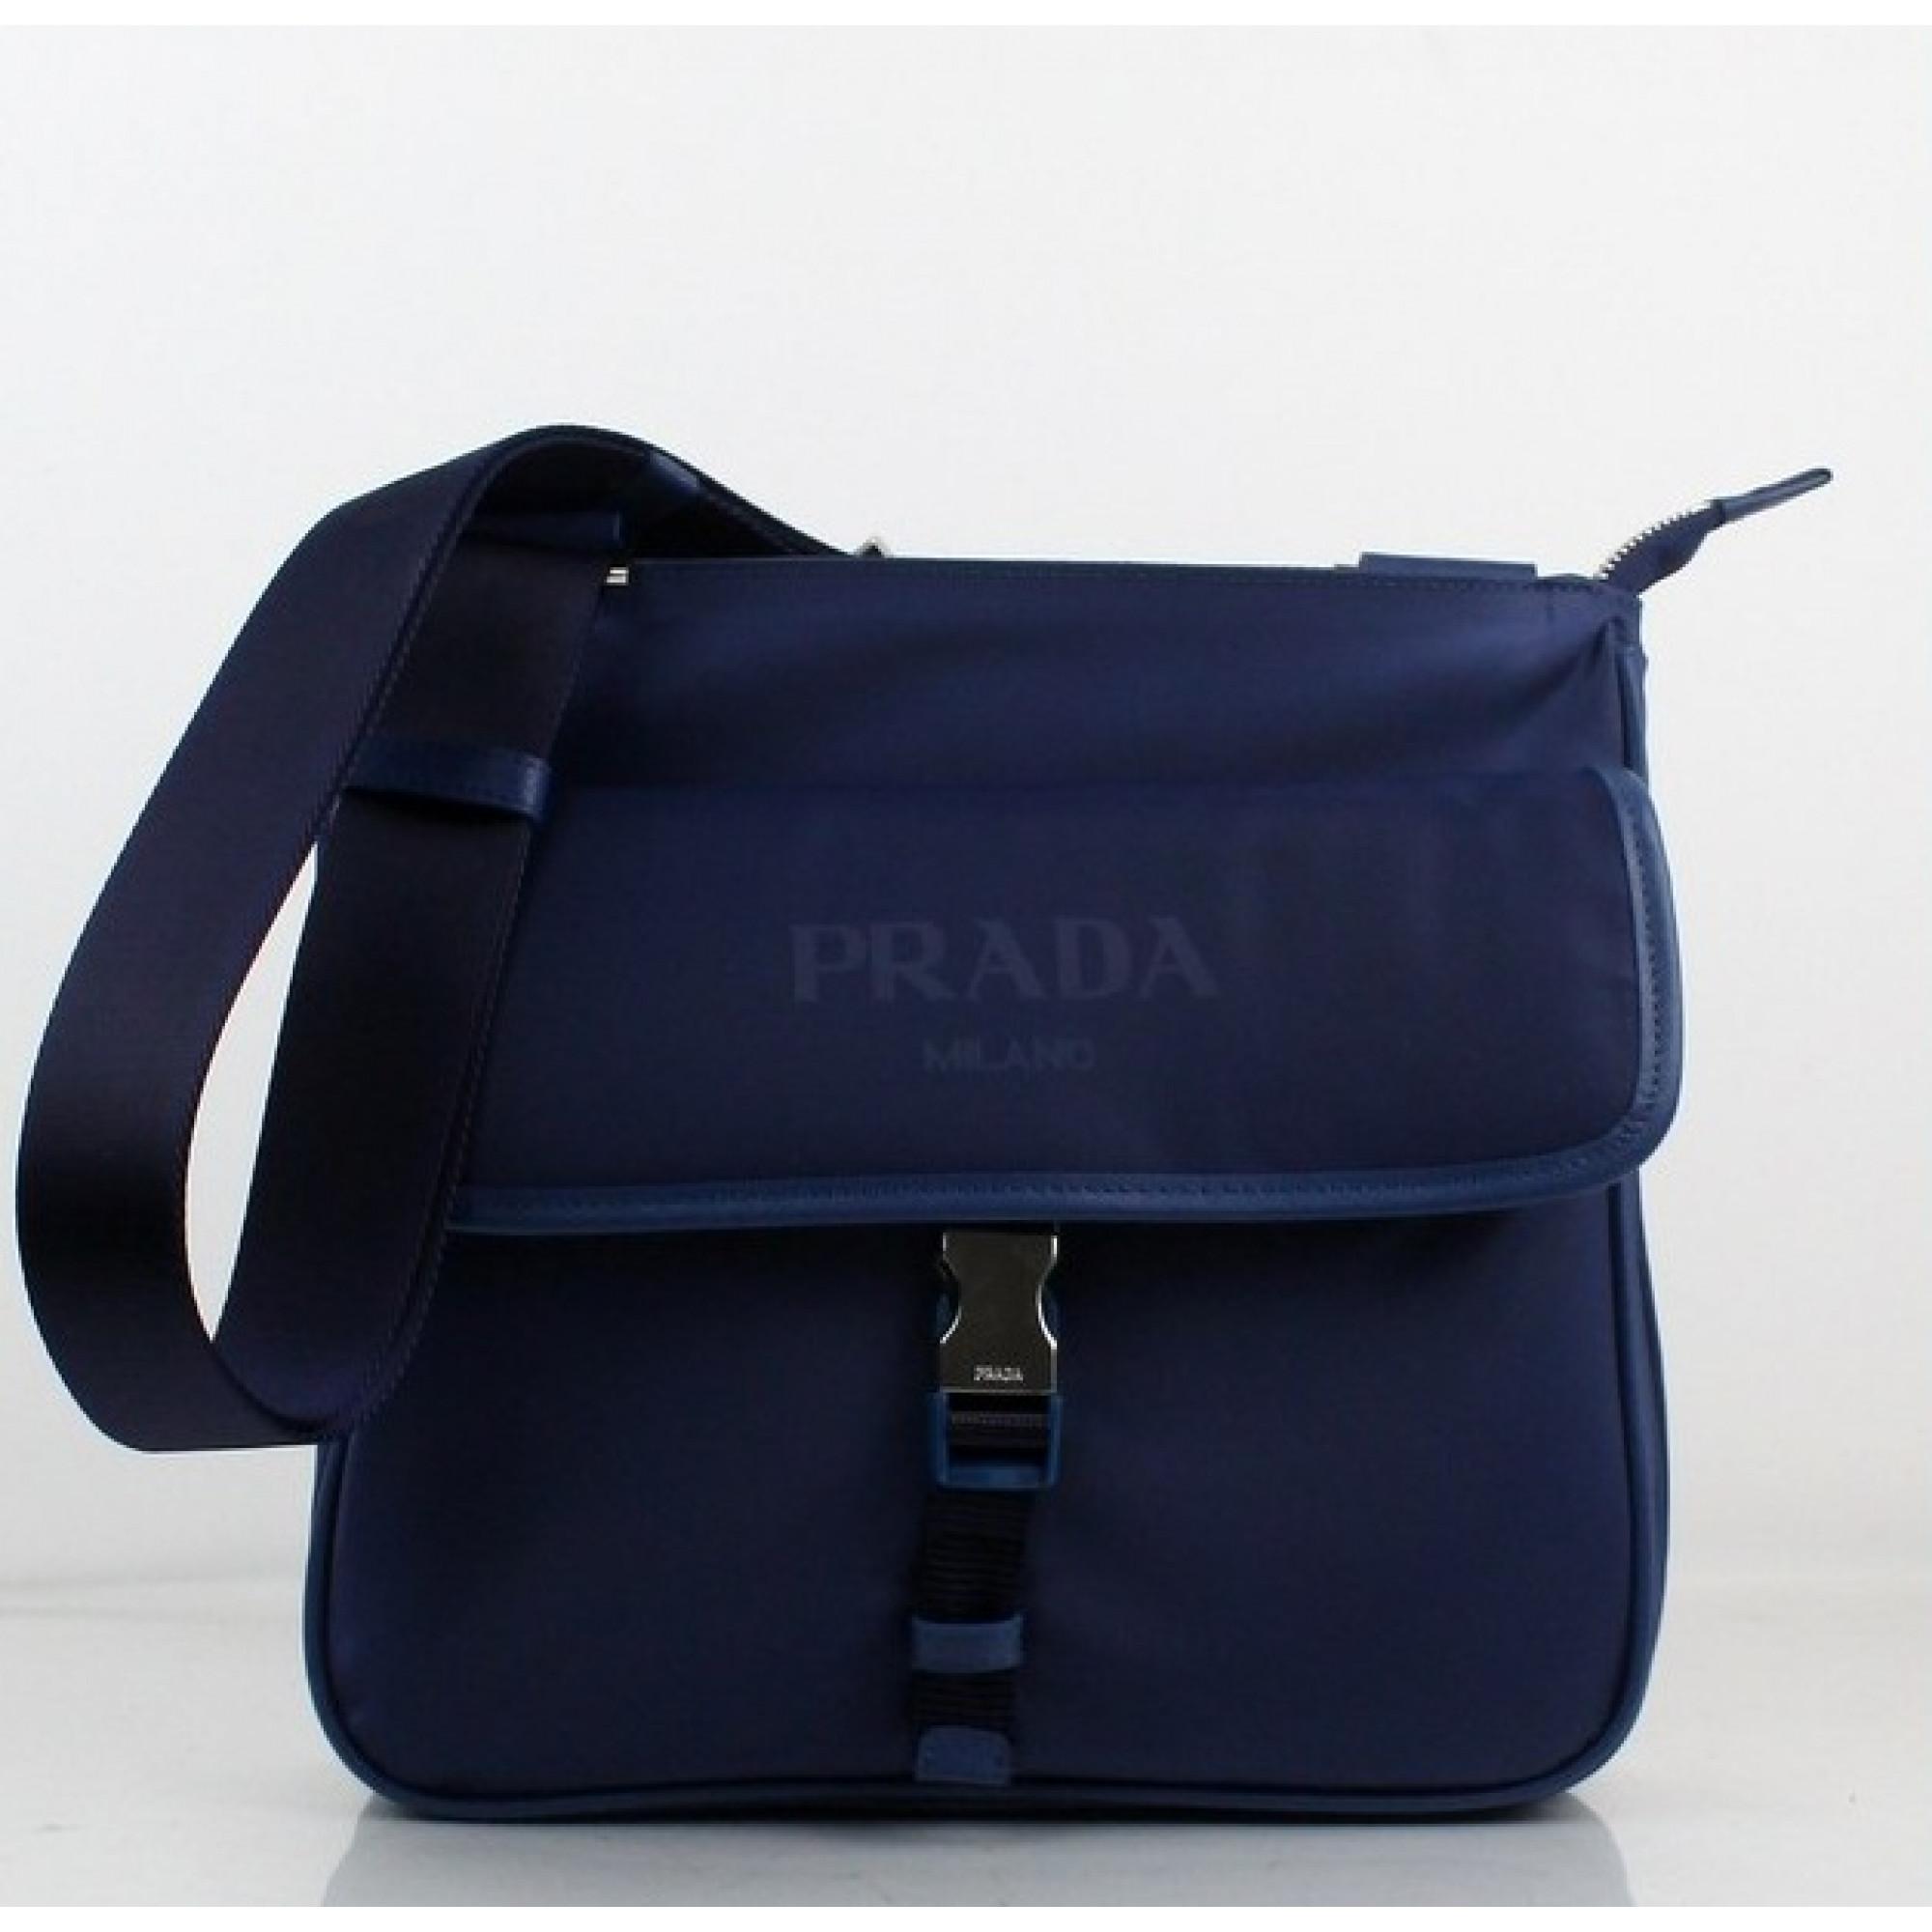 Купить мужская сумка Прада — в Киеве, код товара 9365 c4f976d2d45